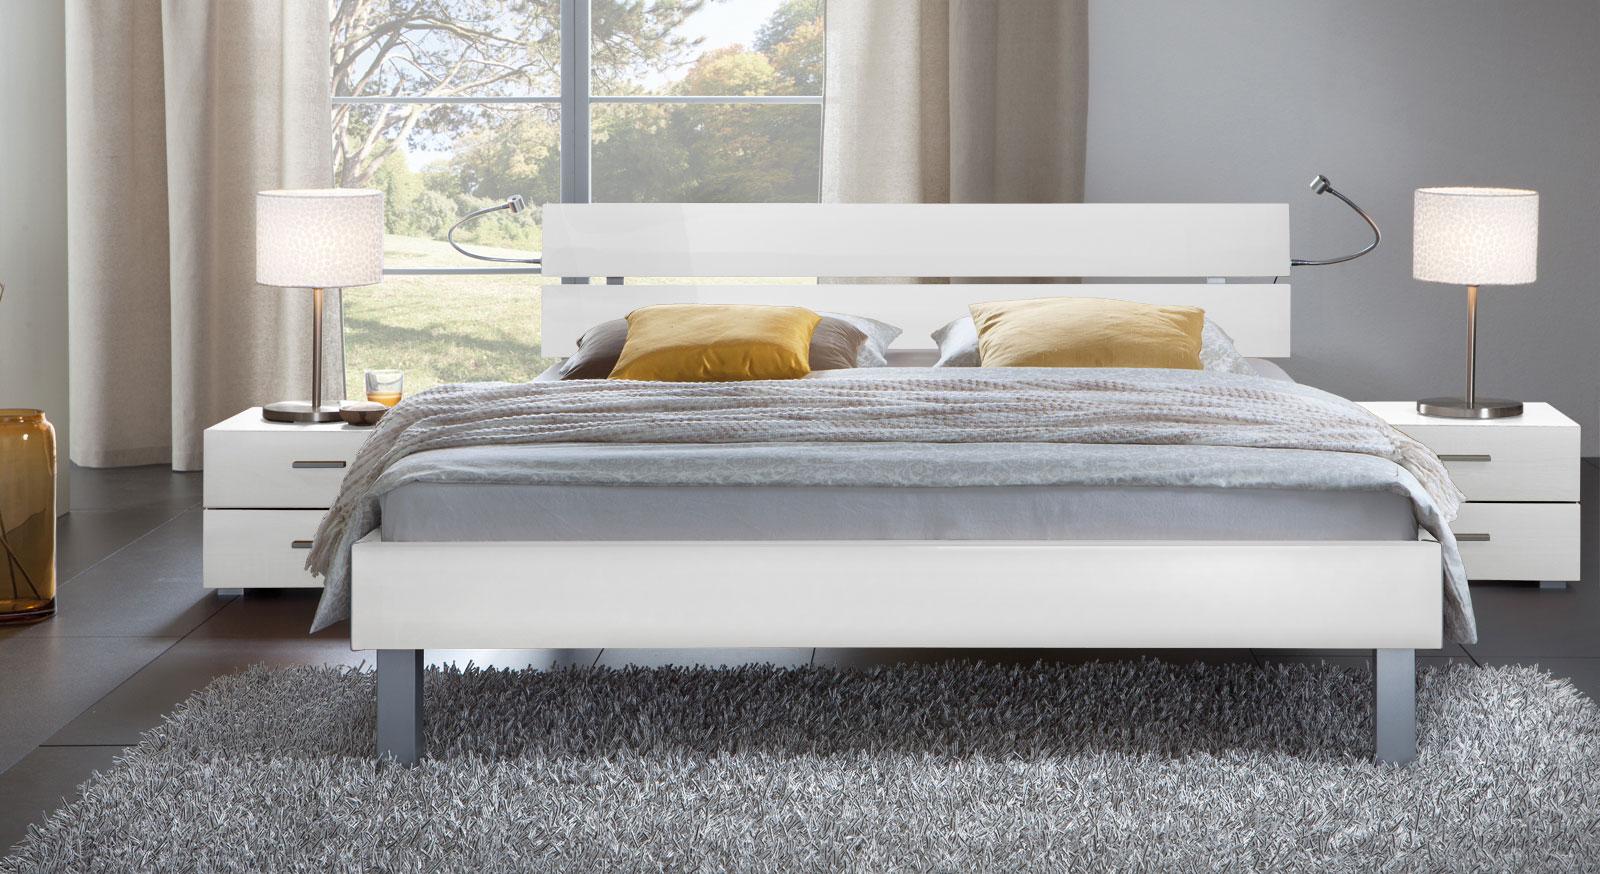 Das Bett Belluno in der Fußhöhe 20cm und aus MDF, hochglanz weiss